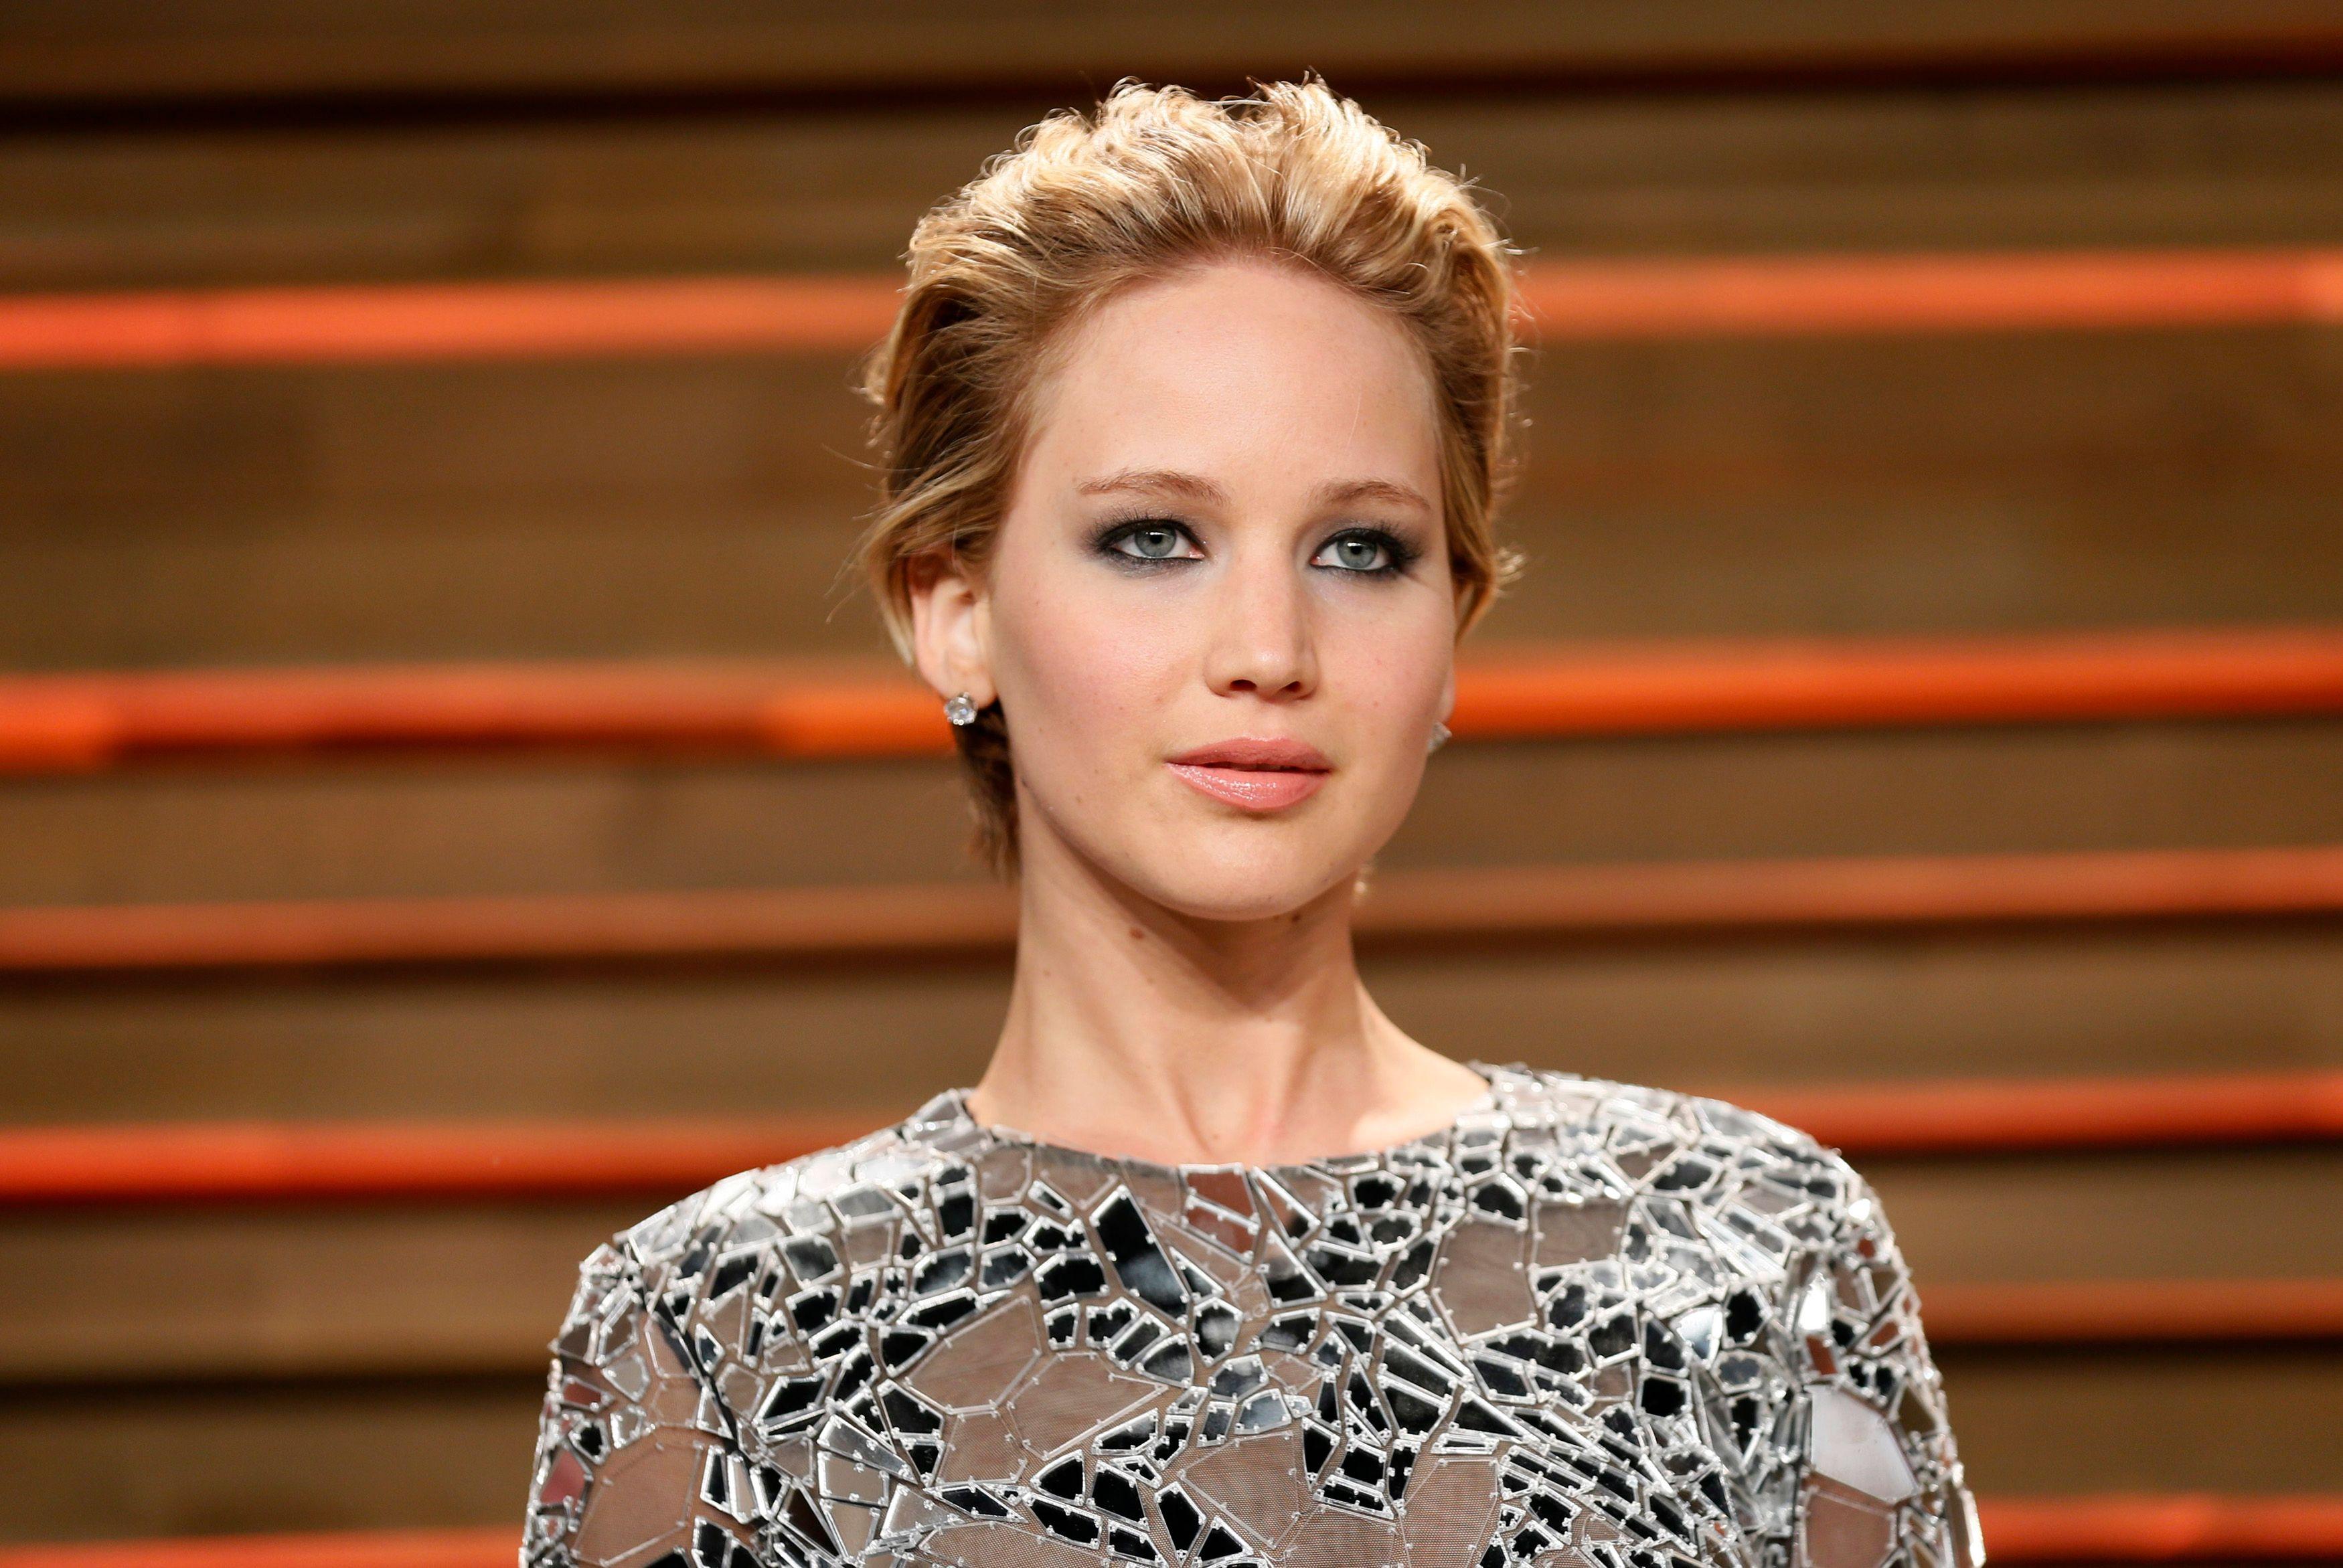 La star d'Hunger Games, Jennifer Lawrence.